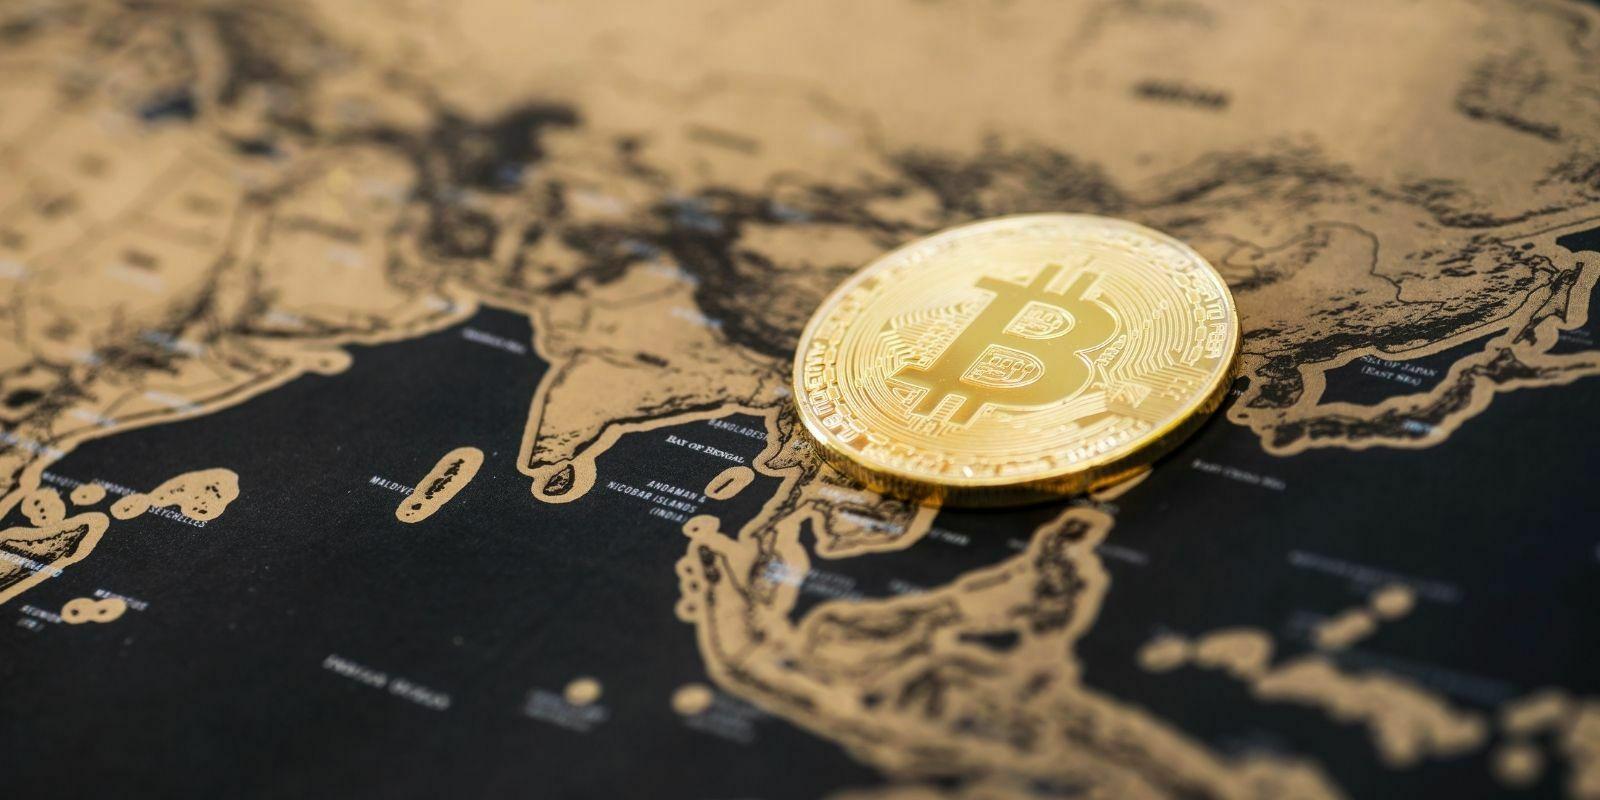 Un fonds Bitcoin (BTC) réglementé a été lancé en Malaisie pour les investisseurs institutionnels